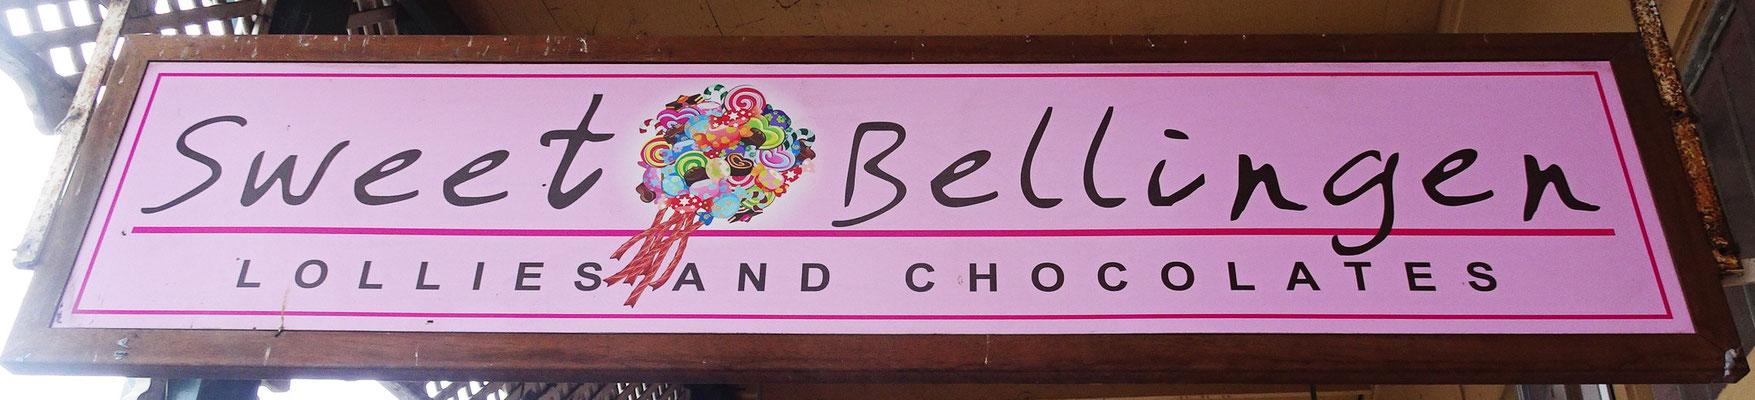 Wer möchte bei diesem Schild und.....